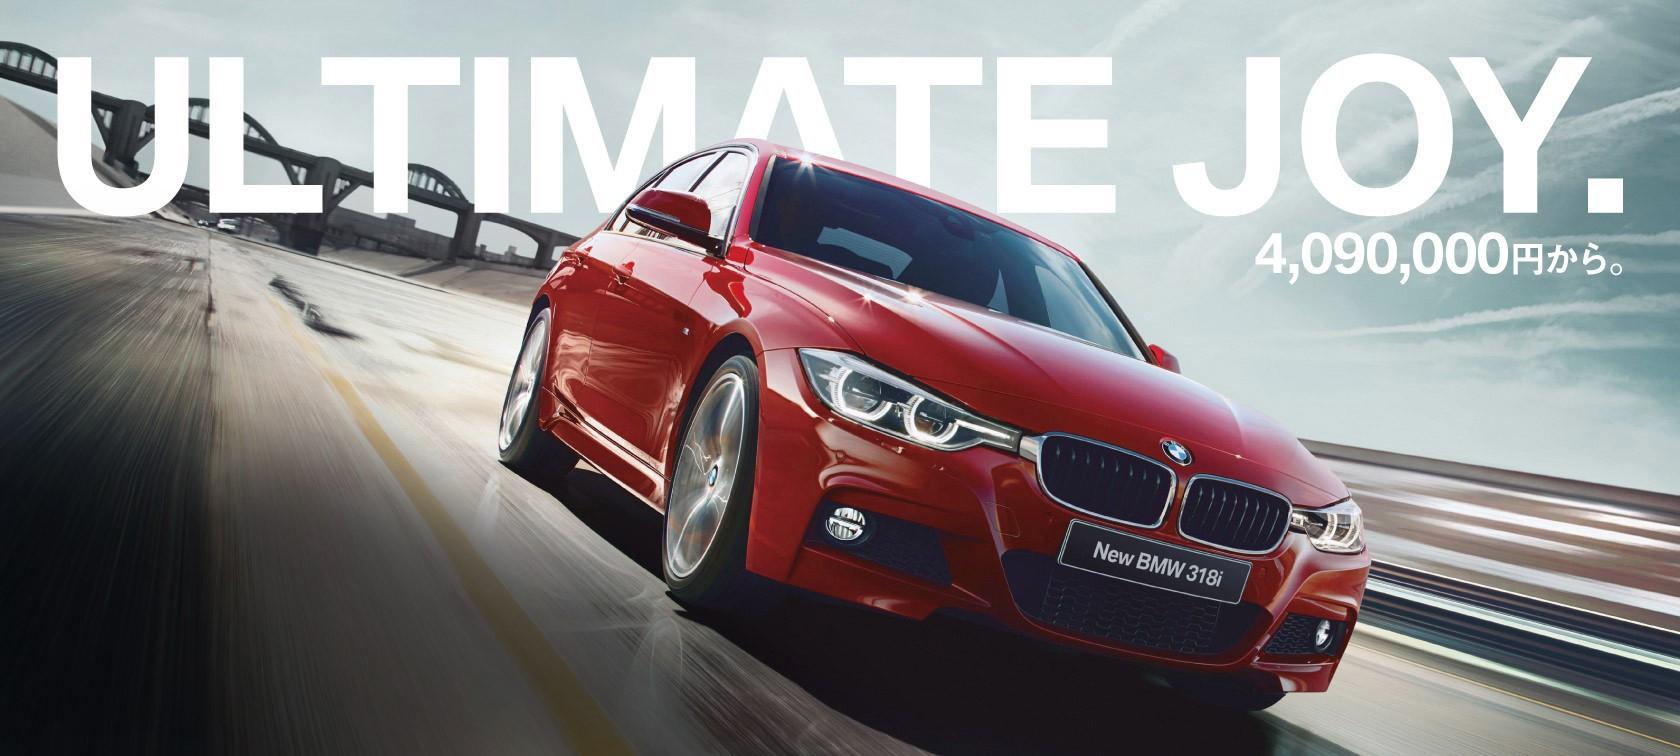 BMW3シリーズ(F30)の3気筒モデル318iは人にどうかと聞かれたら、気になる点が2つあり個人的にはあまりおすすめしないかも。